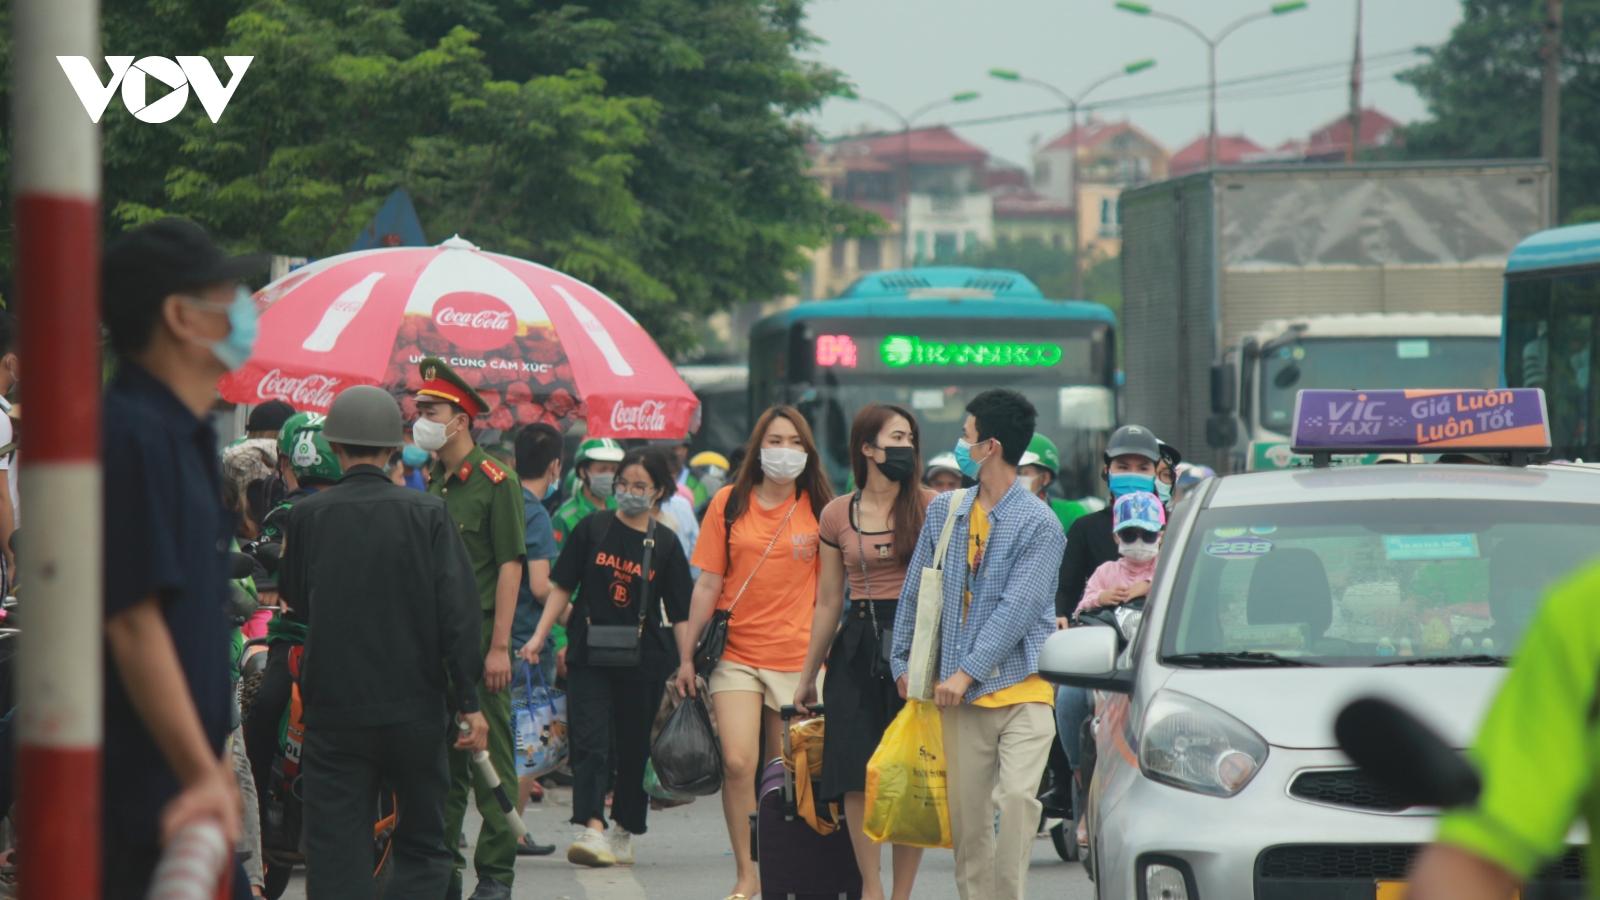 Hình ảnhngười dân lỉnh kỉnh đồ đạc, ùn ùntrở lại Thủ đô sau kỳ nghỉ lễ